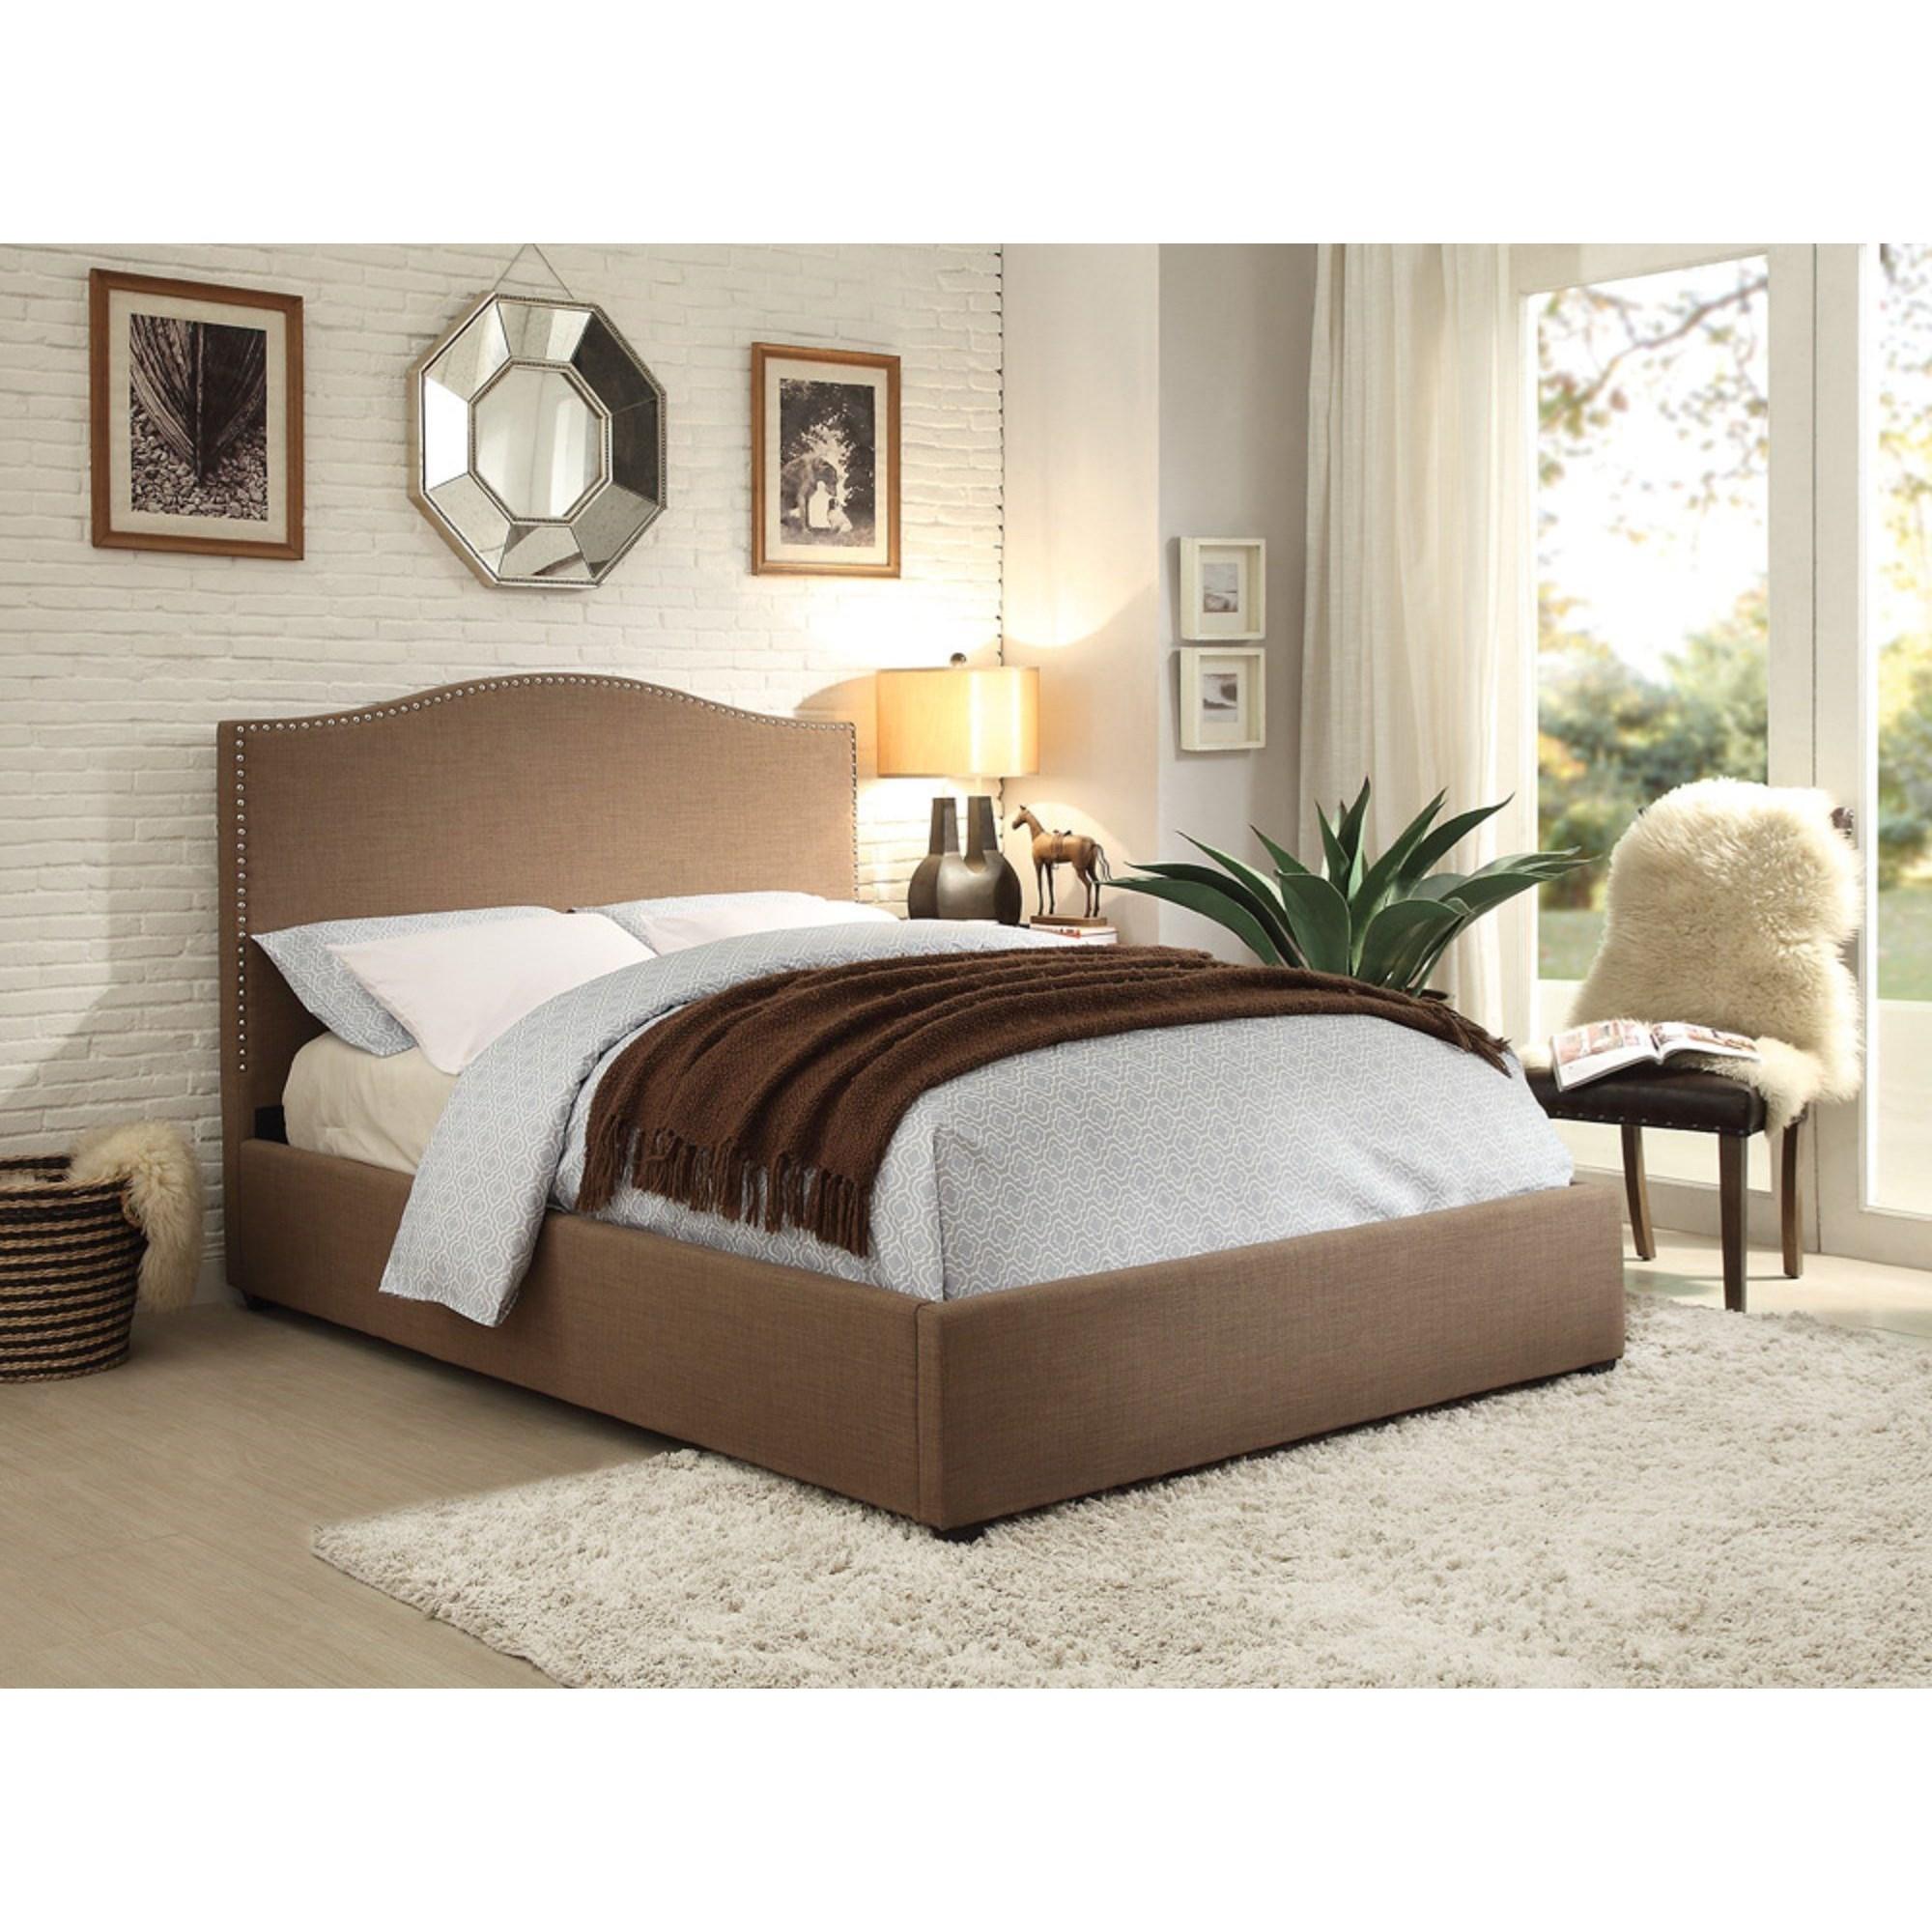 Homelegance kase transitional upholstered full bed with for Upholstered full bed